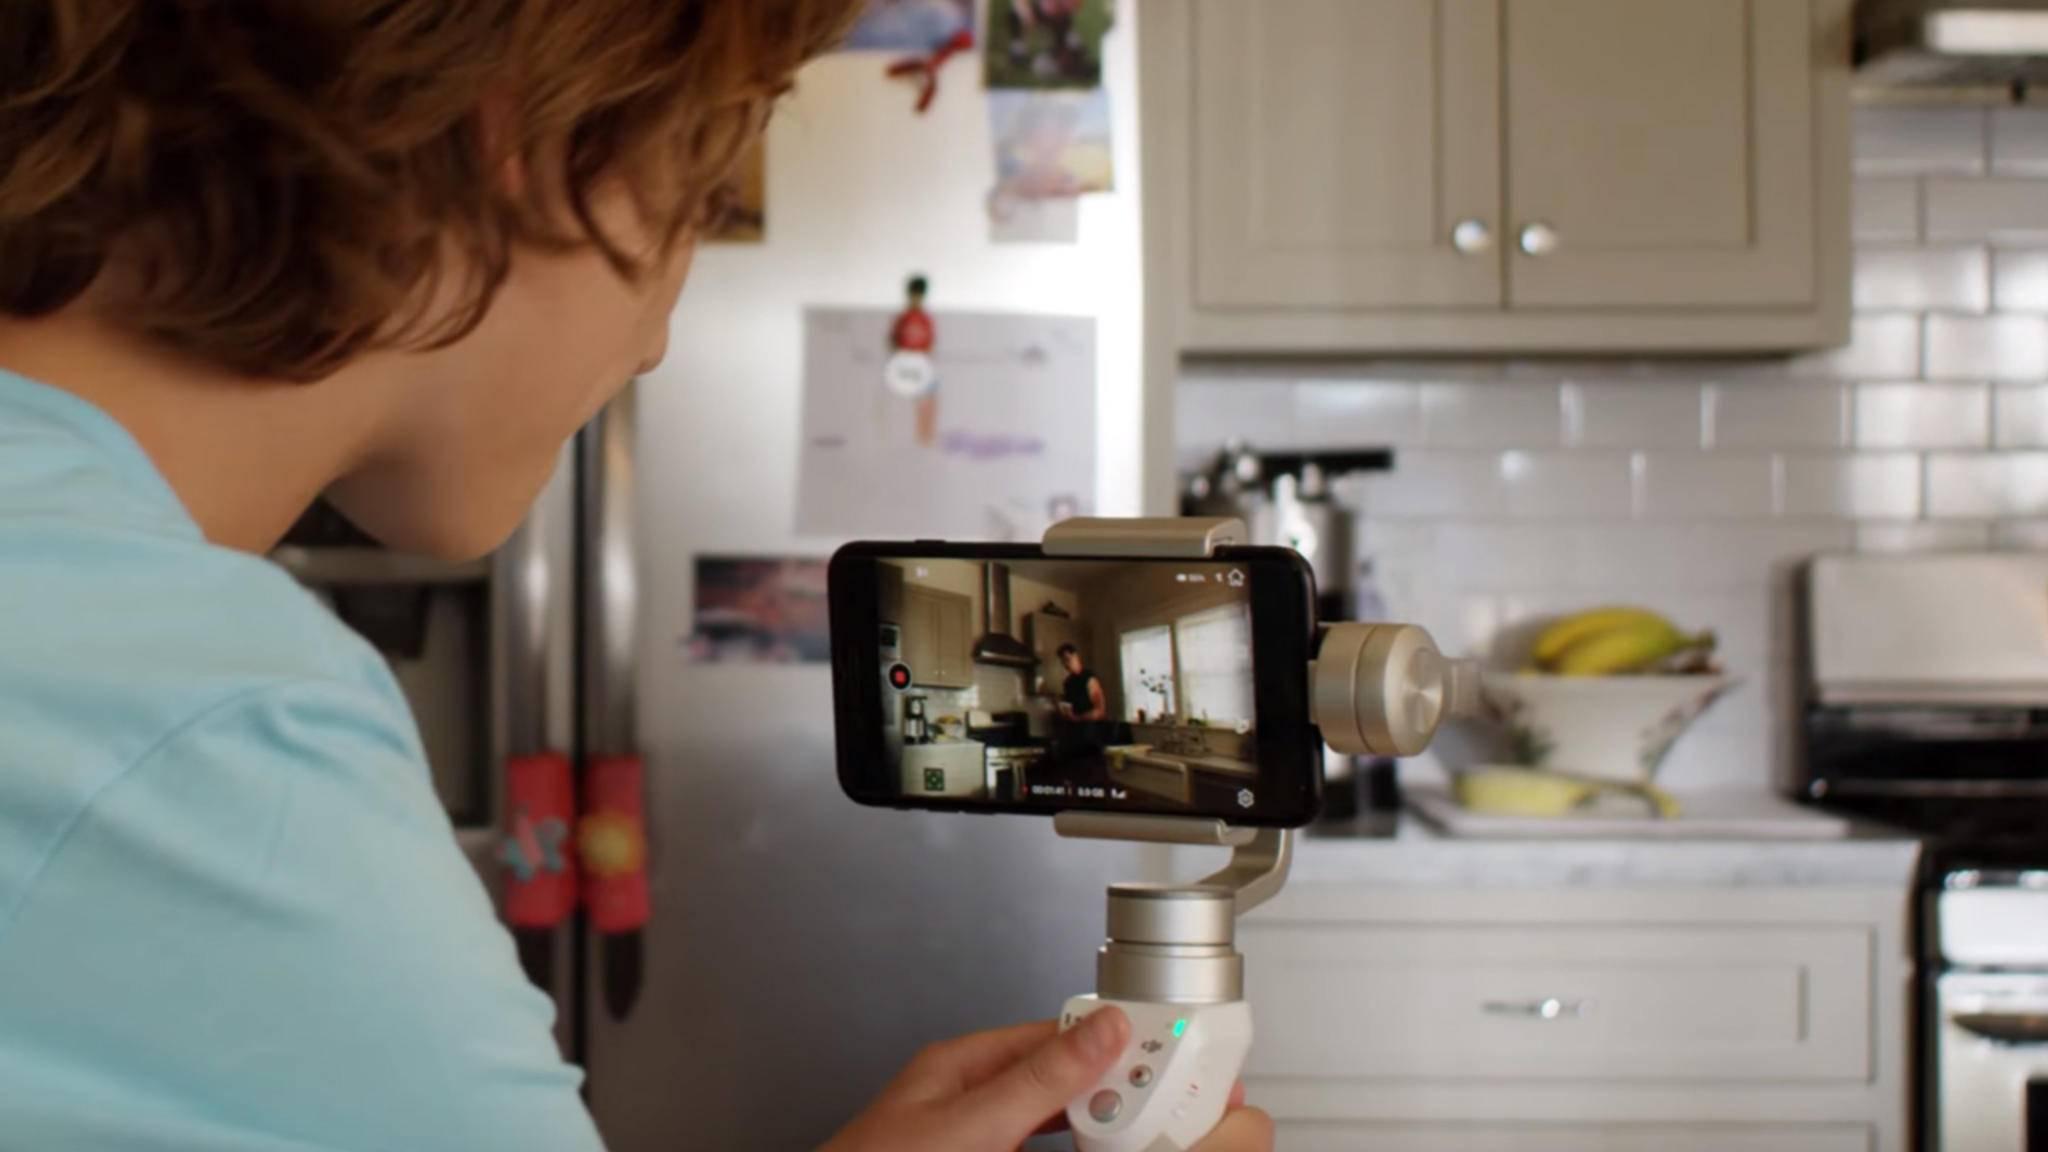 Fotos knipsen während der Videoaufnahme? Das funktioniert!